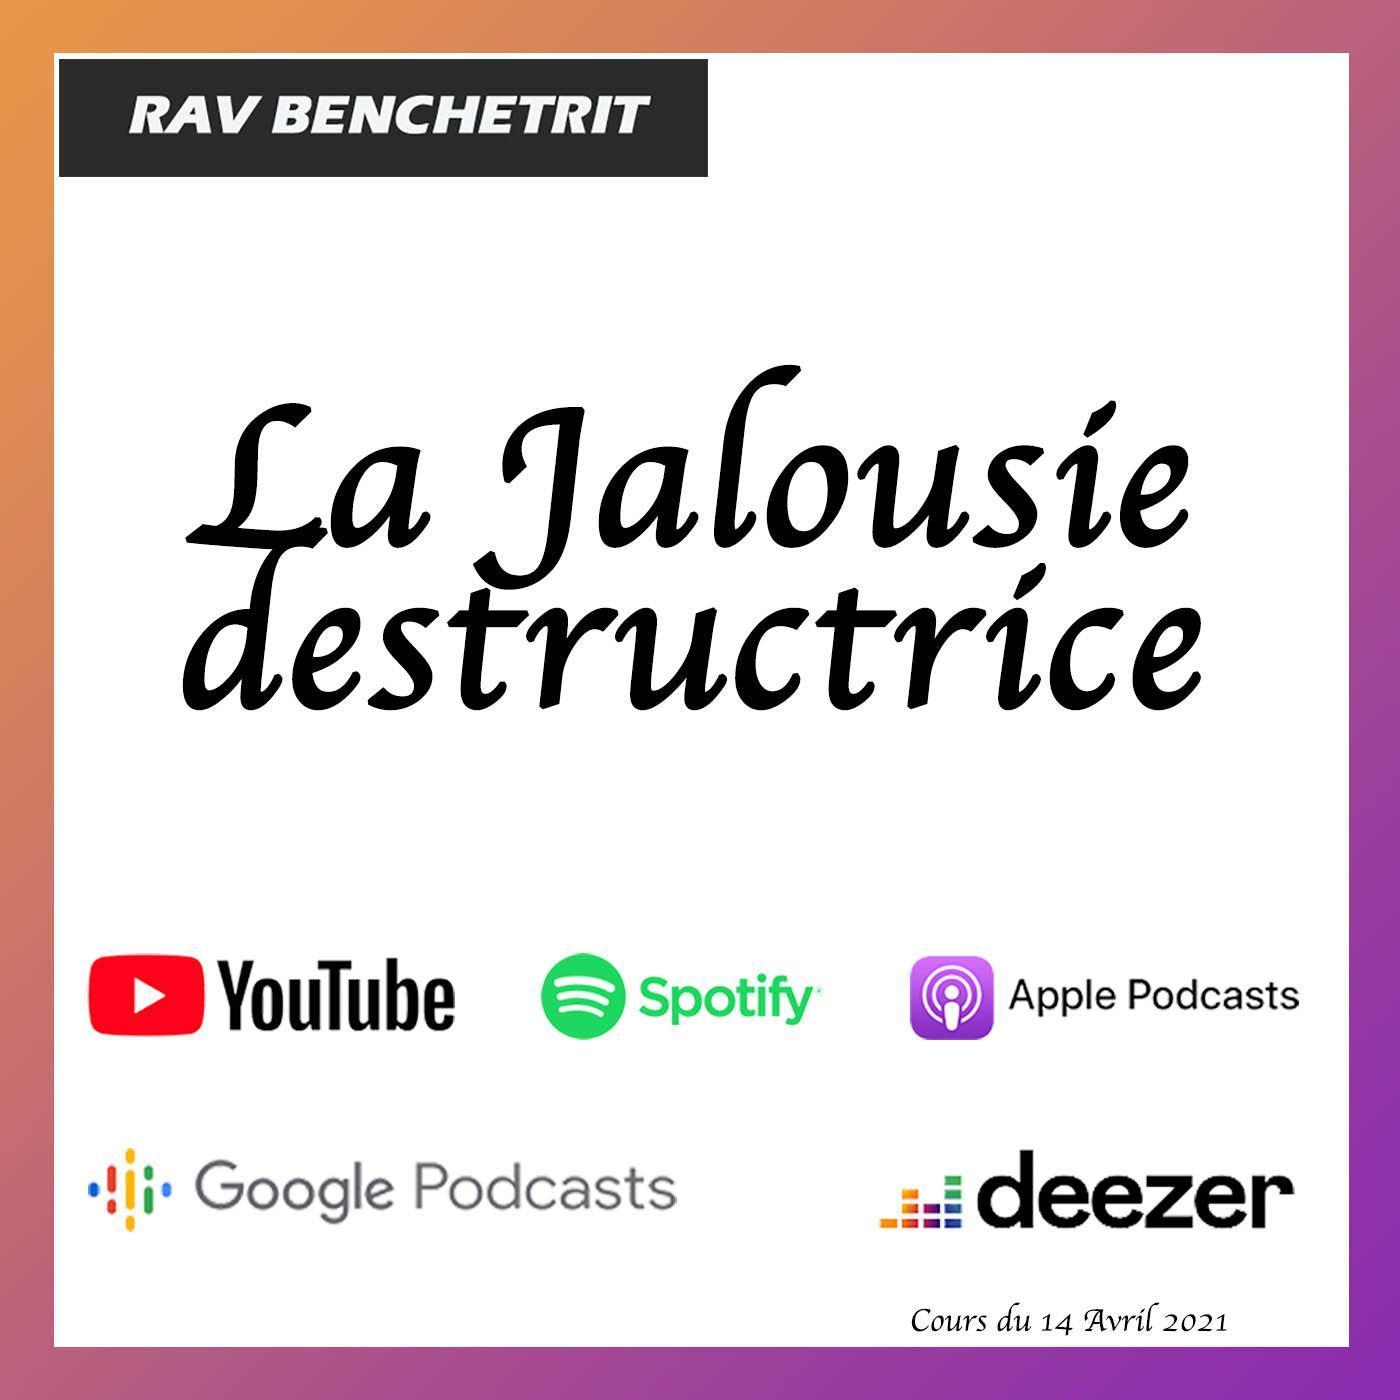 La Jalousie destructrice